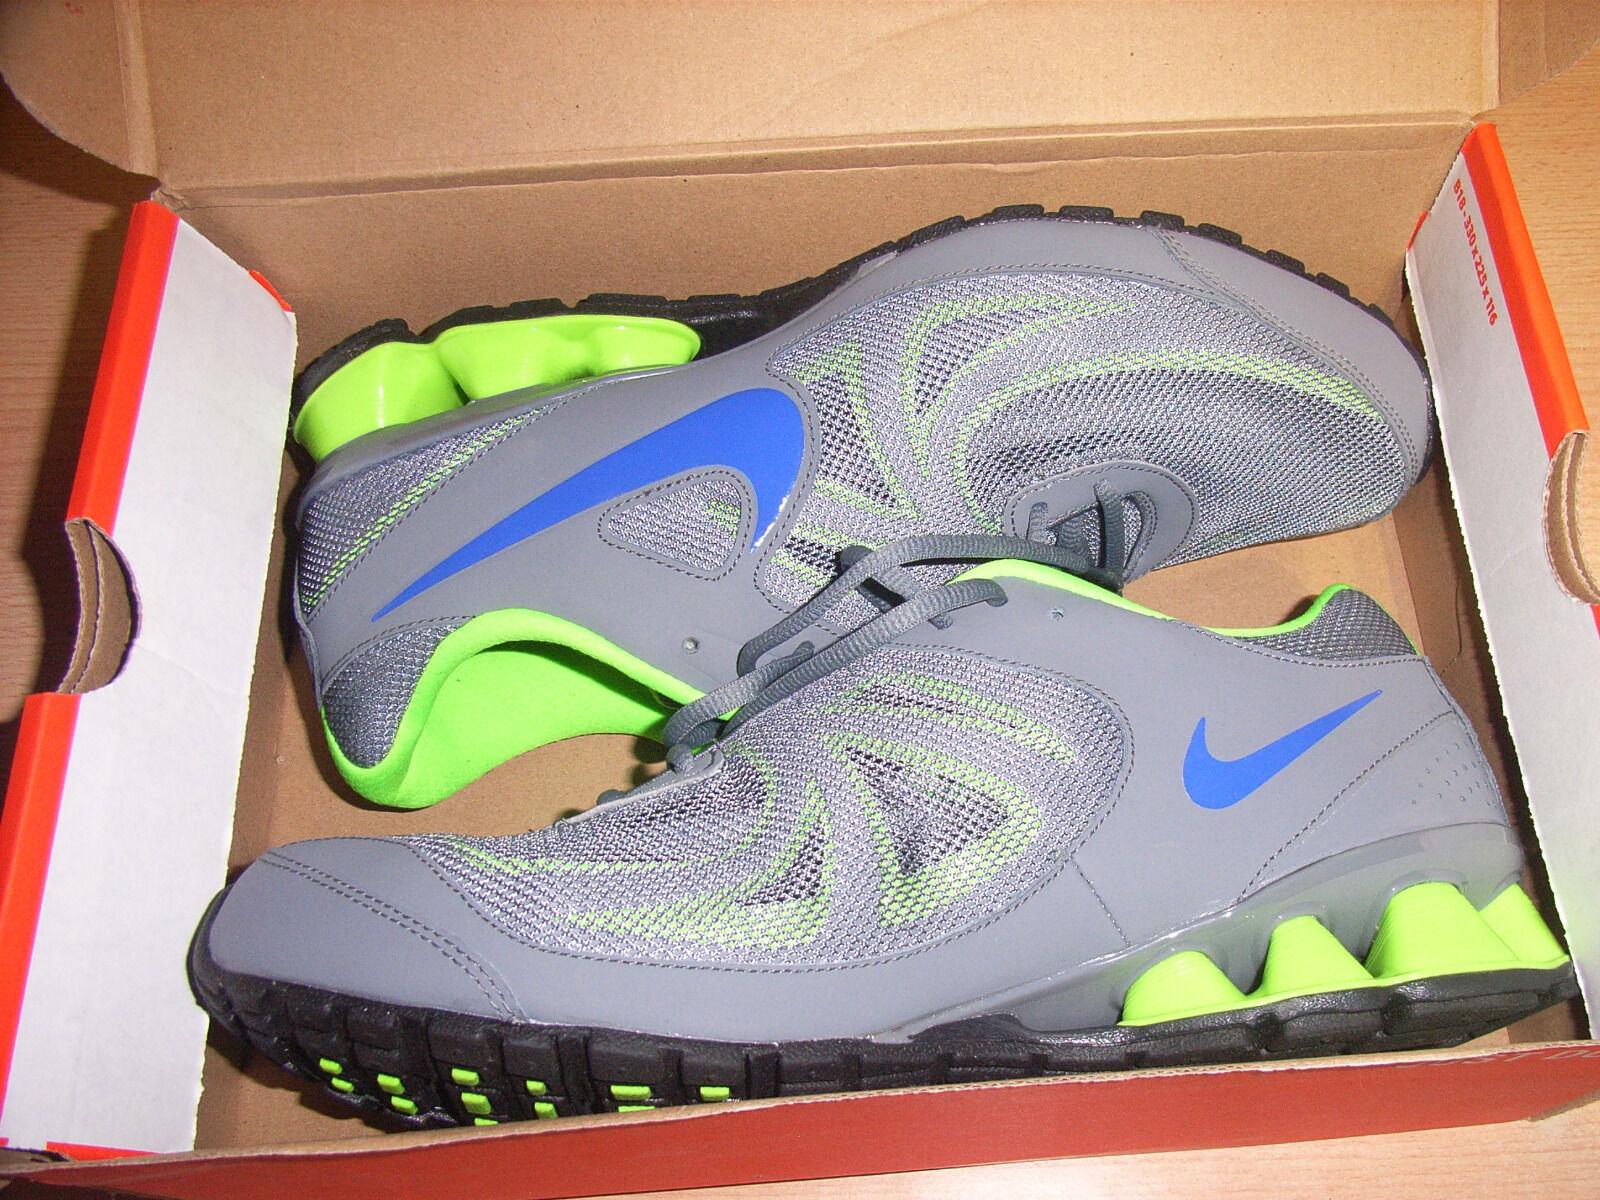 NIKE Reax Run 7 Herren Schuhe Turnschuhe Gr. 45 grün Schuhe Herren NEU 551d24